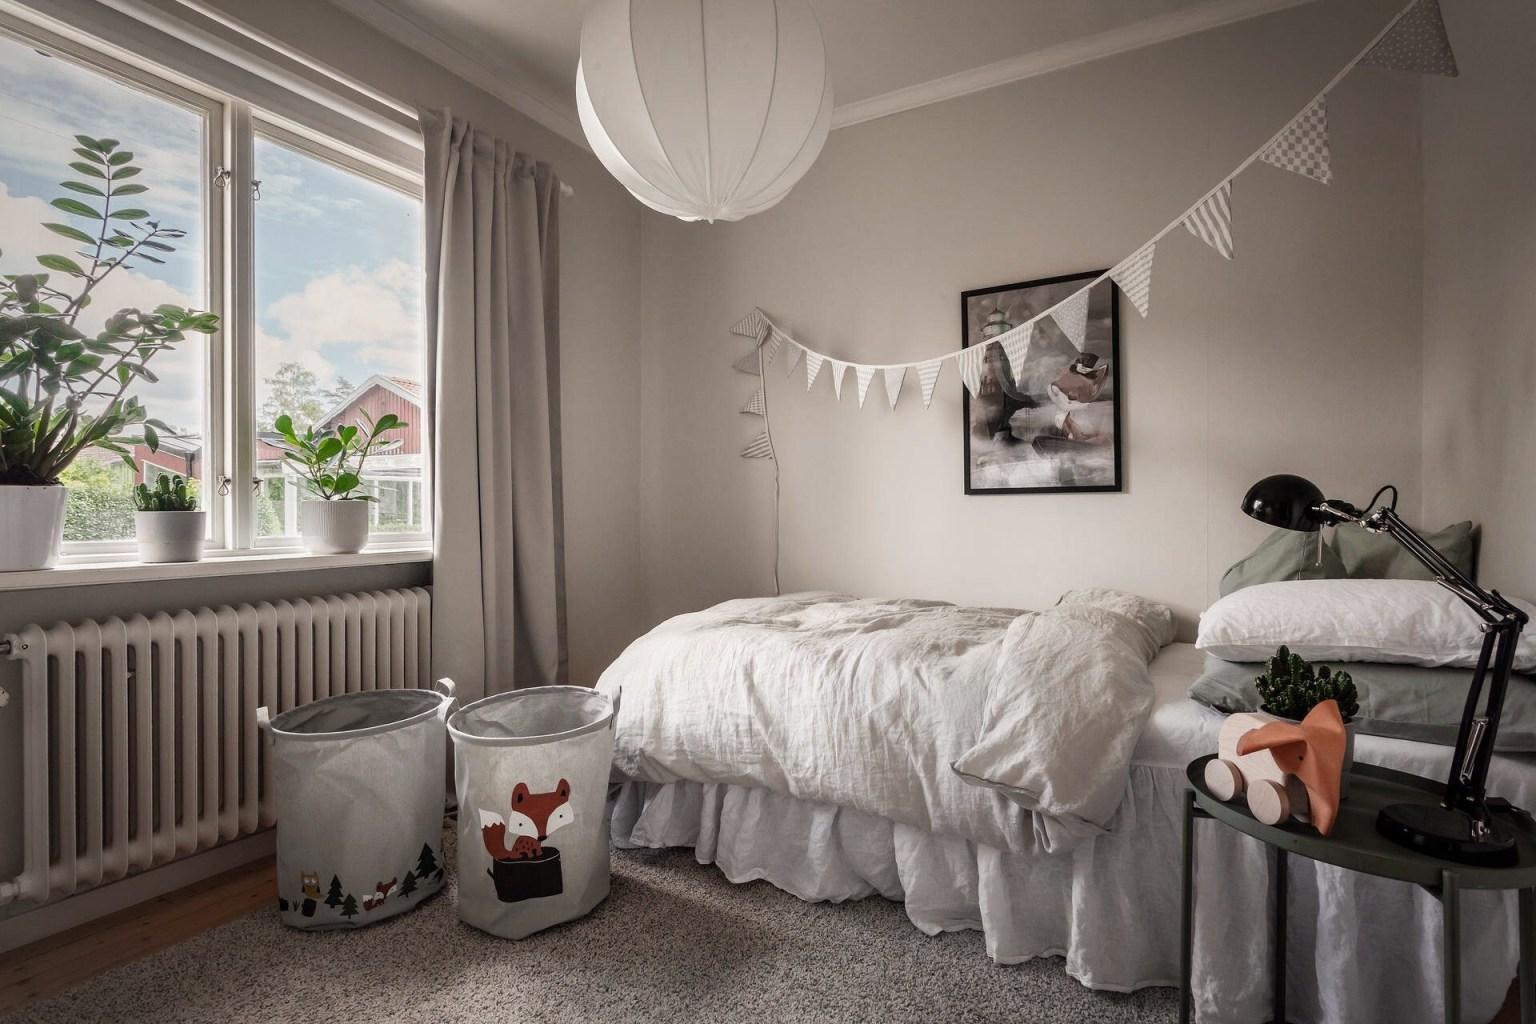 """23 kids bedroom 16056887145491737637421 - Căn nhà cấp 4 màu xanh da trời nhìn ngoài thì bình thường mà bên trong khiến ai cũng """"sững sờ"""""""